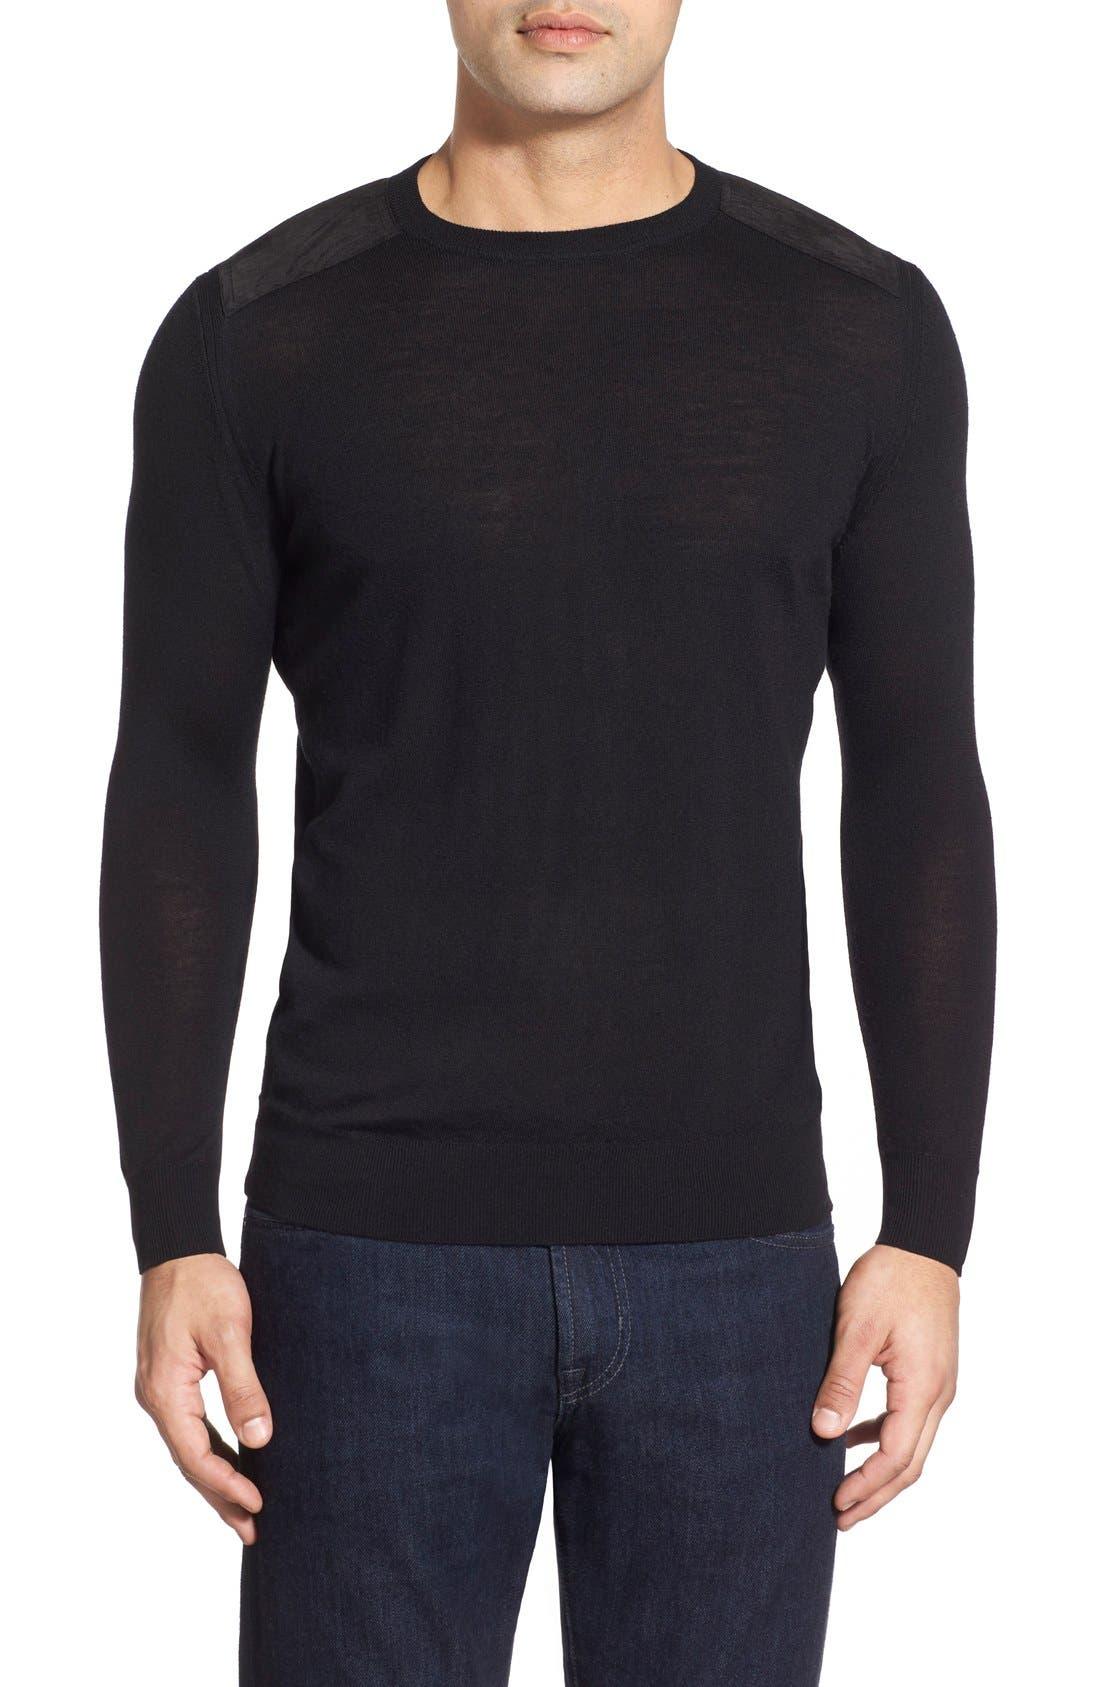 Regular Fit Crewneck Sweater,                             Main thumbnail 1, color,                             001